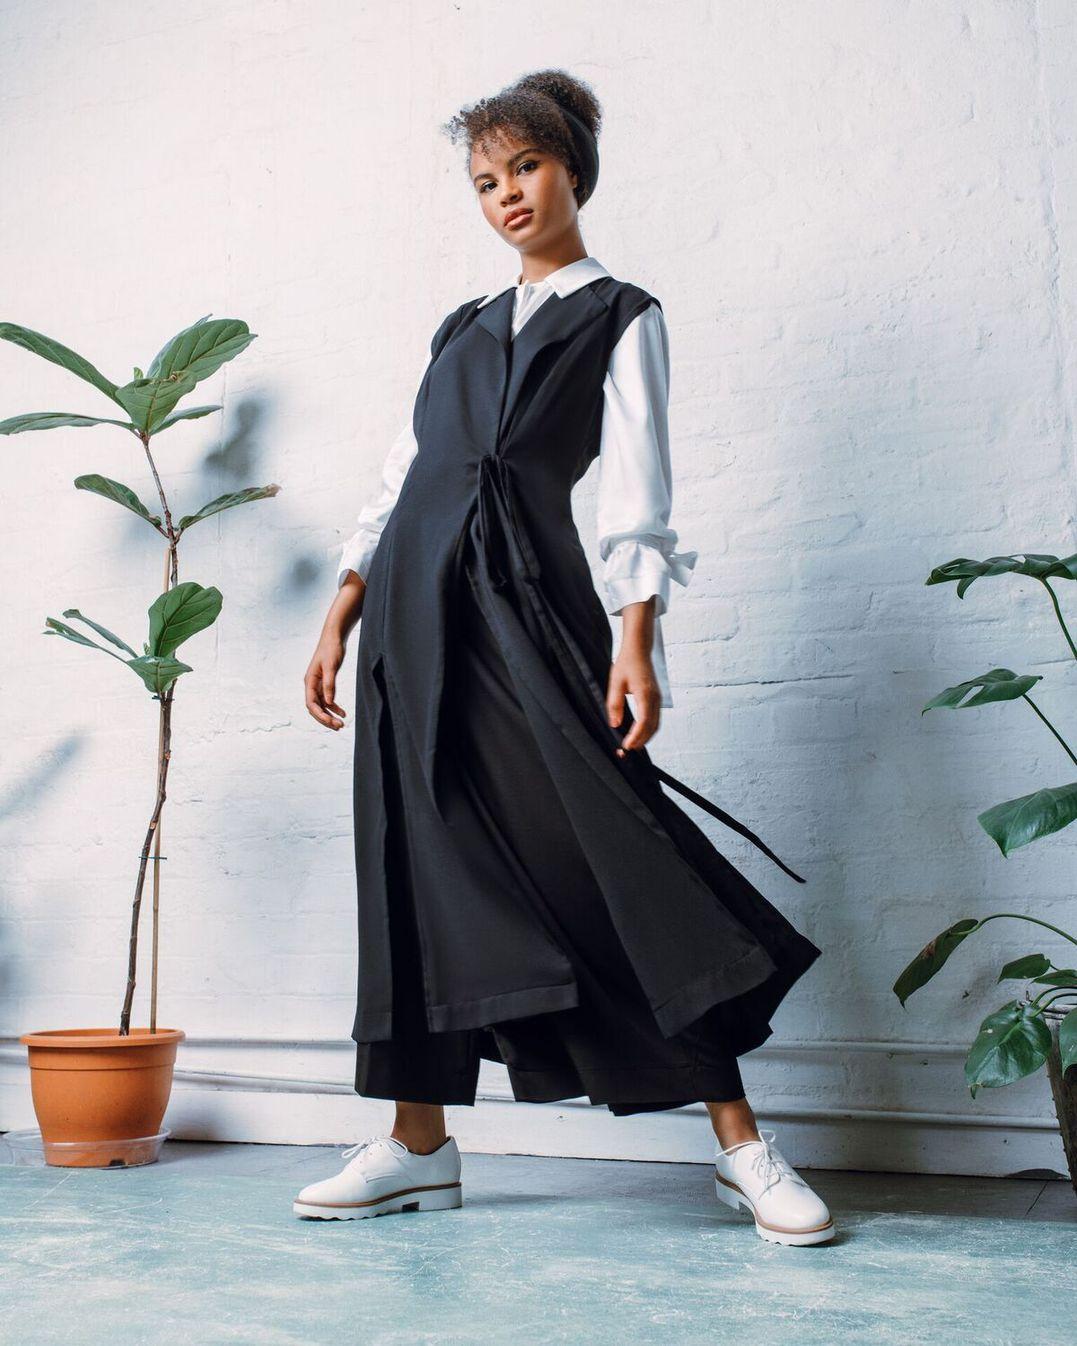 Poput mode, svake godine popularno je nešto novo – tvrdi Sonja Živko.